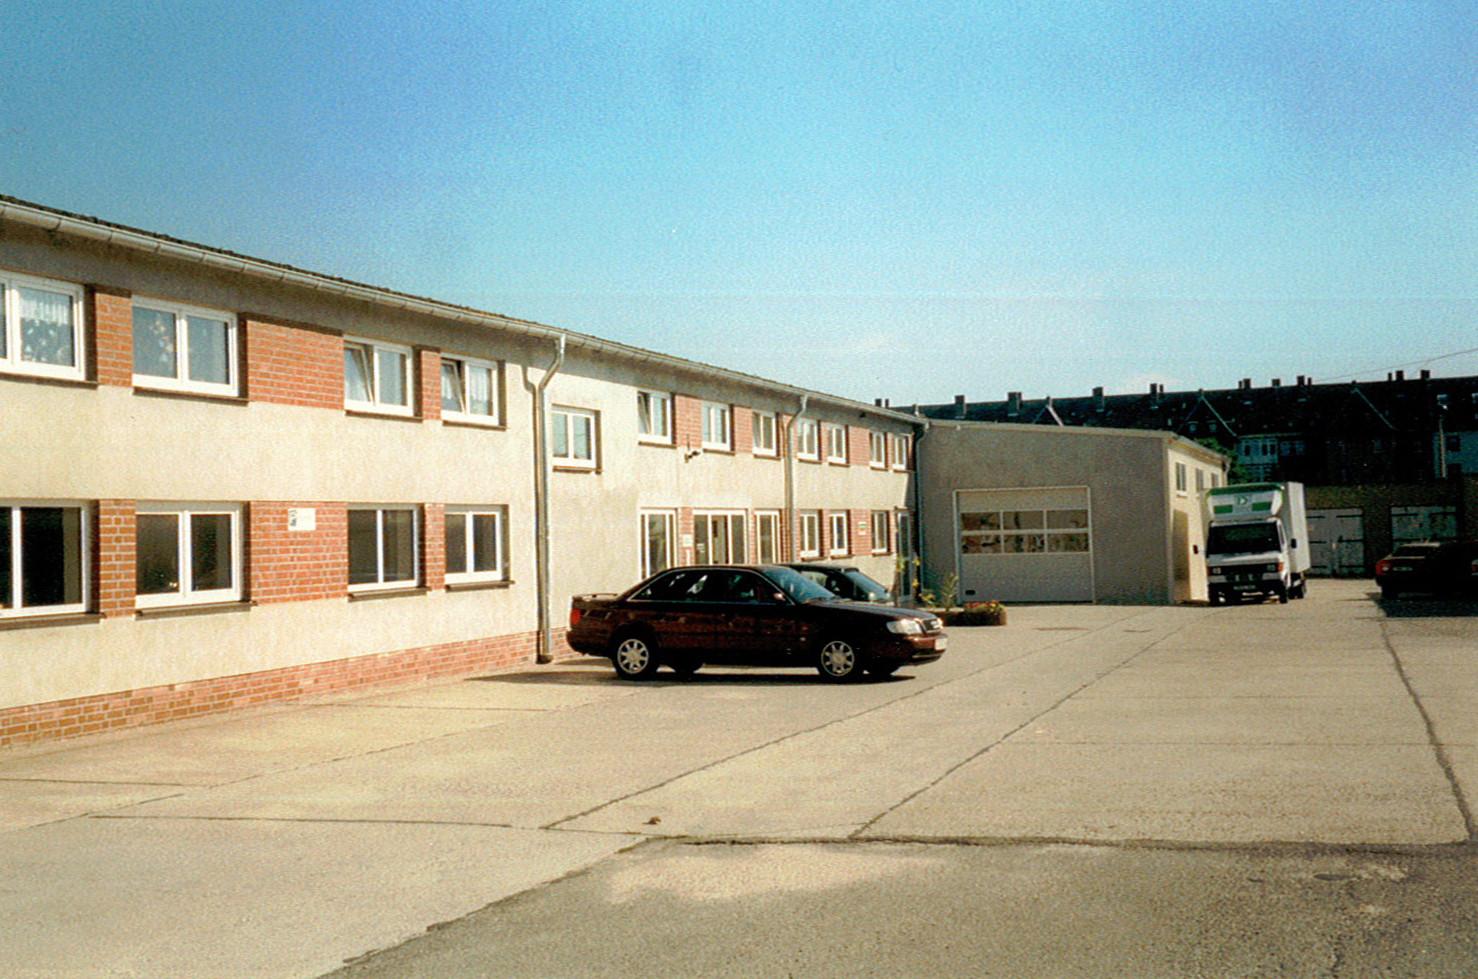 Aktueller Firmensitz in Zwickau-Pölbitz nach Einzug & Umbau - 1996